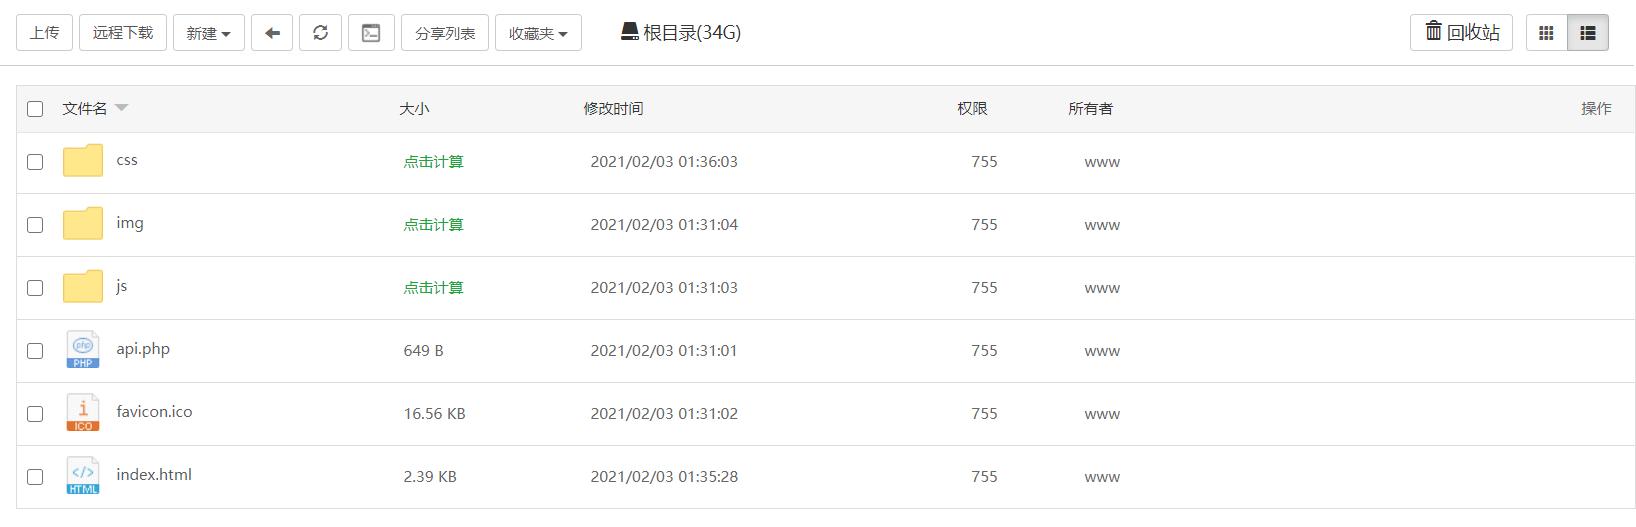 让我教你百度 How to use Baidu -源码分享